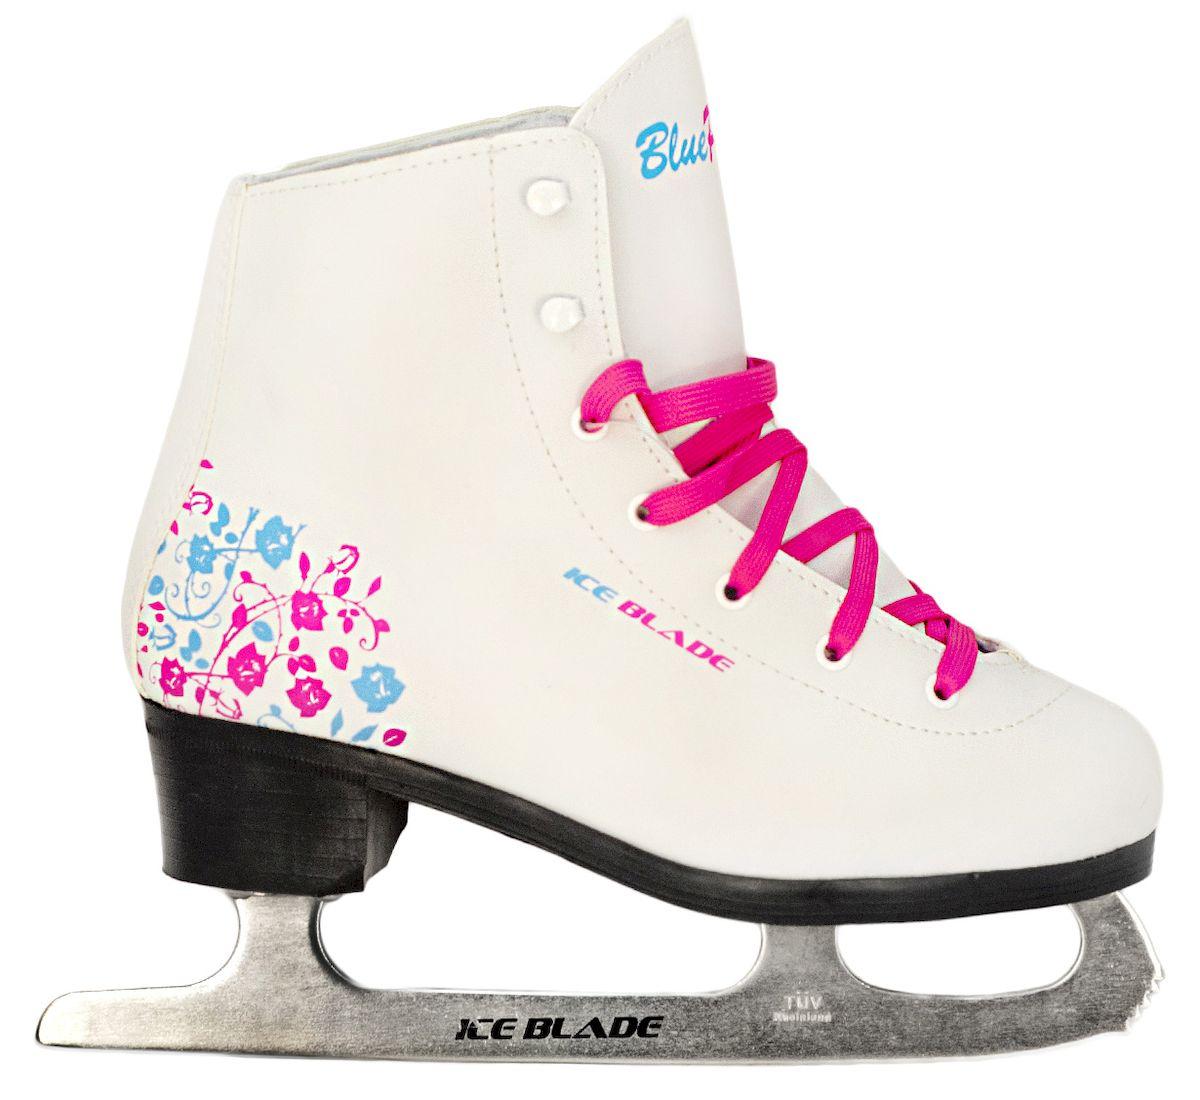 Коньки фигурные Ice Blade BluePink, цвет: белый, розовый, голубой. УТ-00006869. Размер 39УТ-00006869Коньки фигурные Ice Blade BluePink предназначены для любительского фигурного катания. Яркий и нестандартный дизайн модели BluePink совмещает голубой и розовый цвет. Более того, в комплекте помимо розовых шнурков идет пара голубых, пусть каждая любительница катания на коньках выберет для себя, какой цвет ей больше по душе.Ботинок анатомической конструкции выполнен из высококачественной искусственной кожи, покрытой полиуретаном, защищающим от влаги. Внутренняя набивка из специального материала, комфортно адаптирующегося к форме ноги. Внутренняя отделка из мягкого вельвета.Лезвия изготовлены из высокоуглеродистой стали, сертифицированной TUV Rheiland. Коньки поставляются с заводской заточкой лезвия, что позволяет сразу приступить к катанию, не тратя время и денег на заточку. Коньки подходят для использования на открытом и закрытом льду.